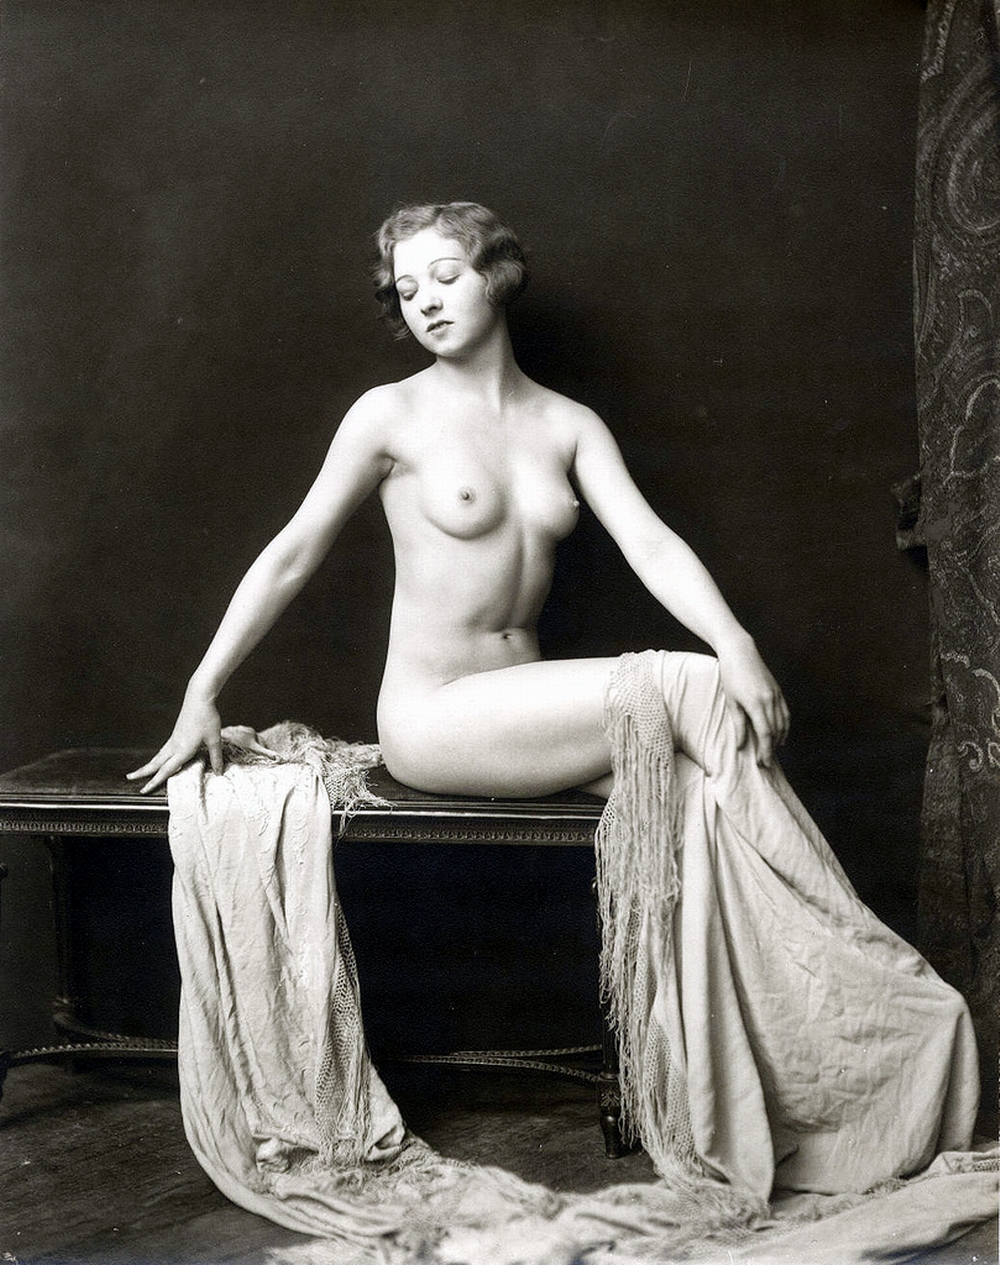 Эротика 19 века в картинках 22 фотография